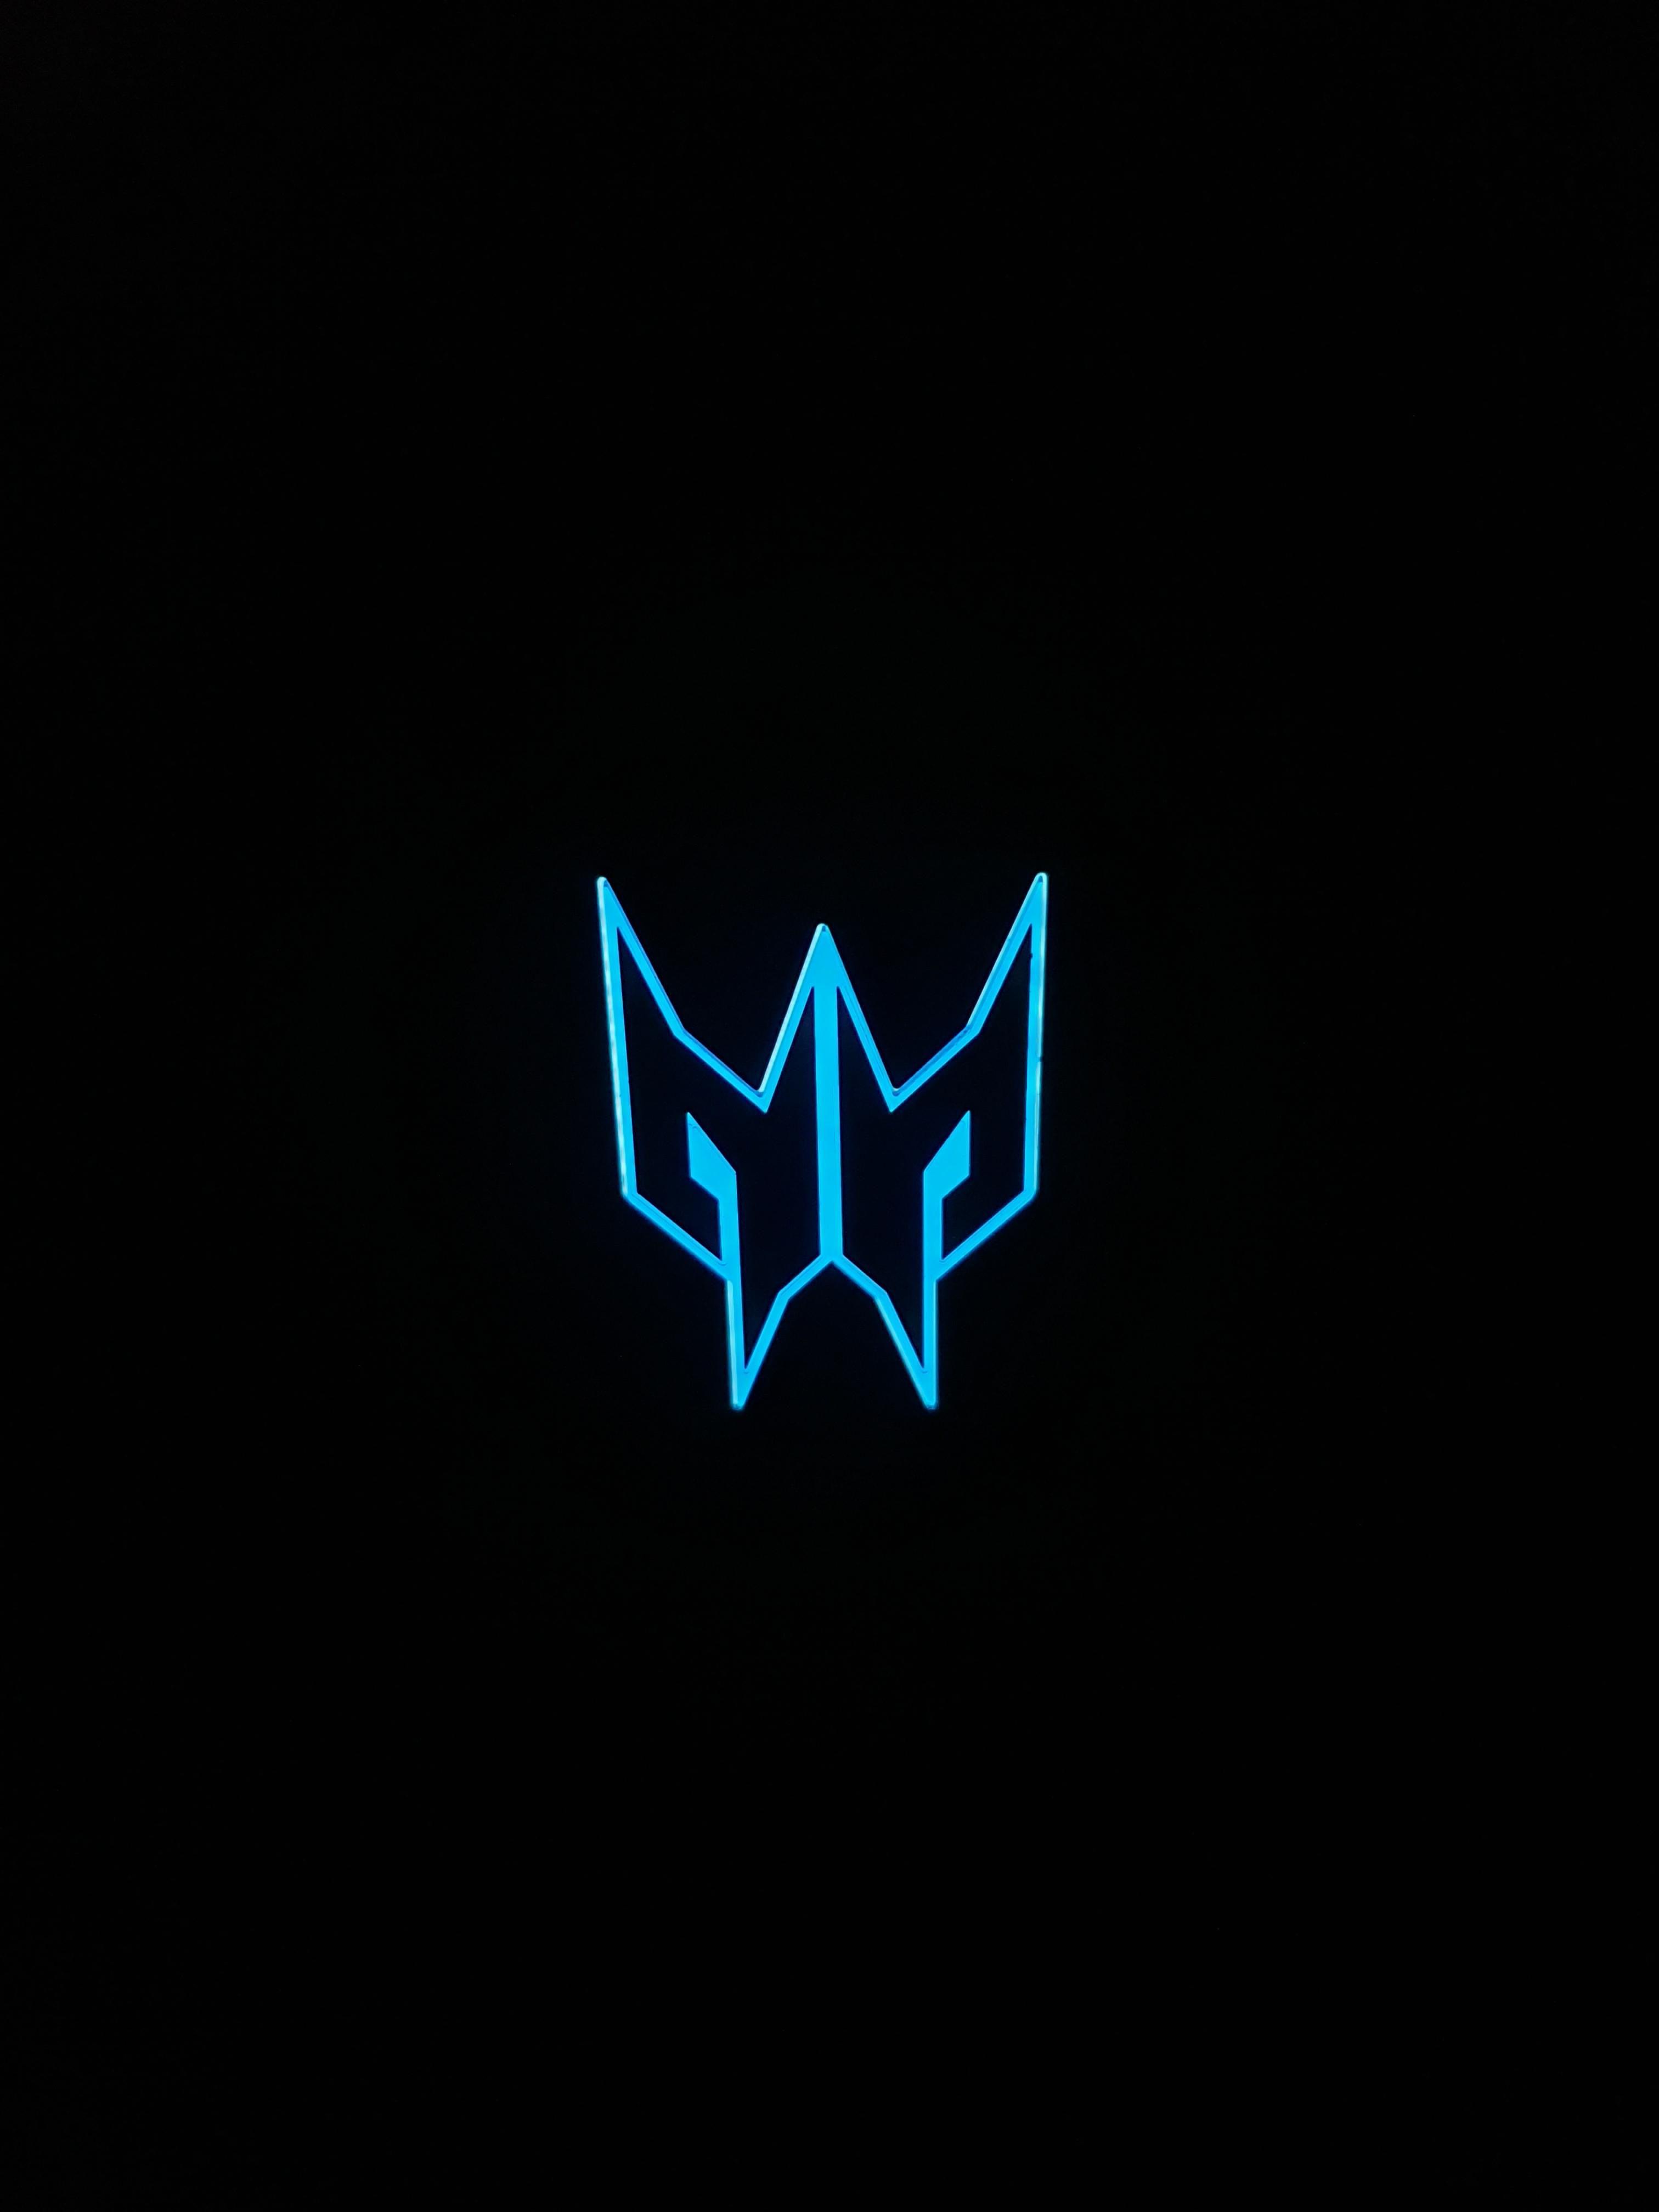 Dark wallpaper Acer predator logo (Dengan gambar)